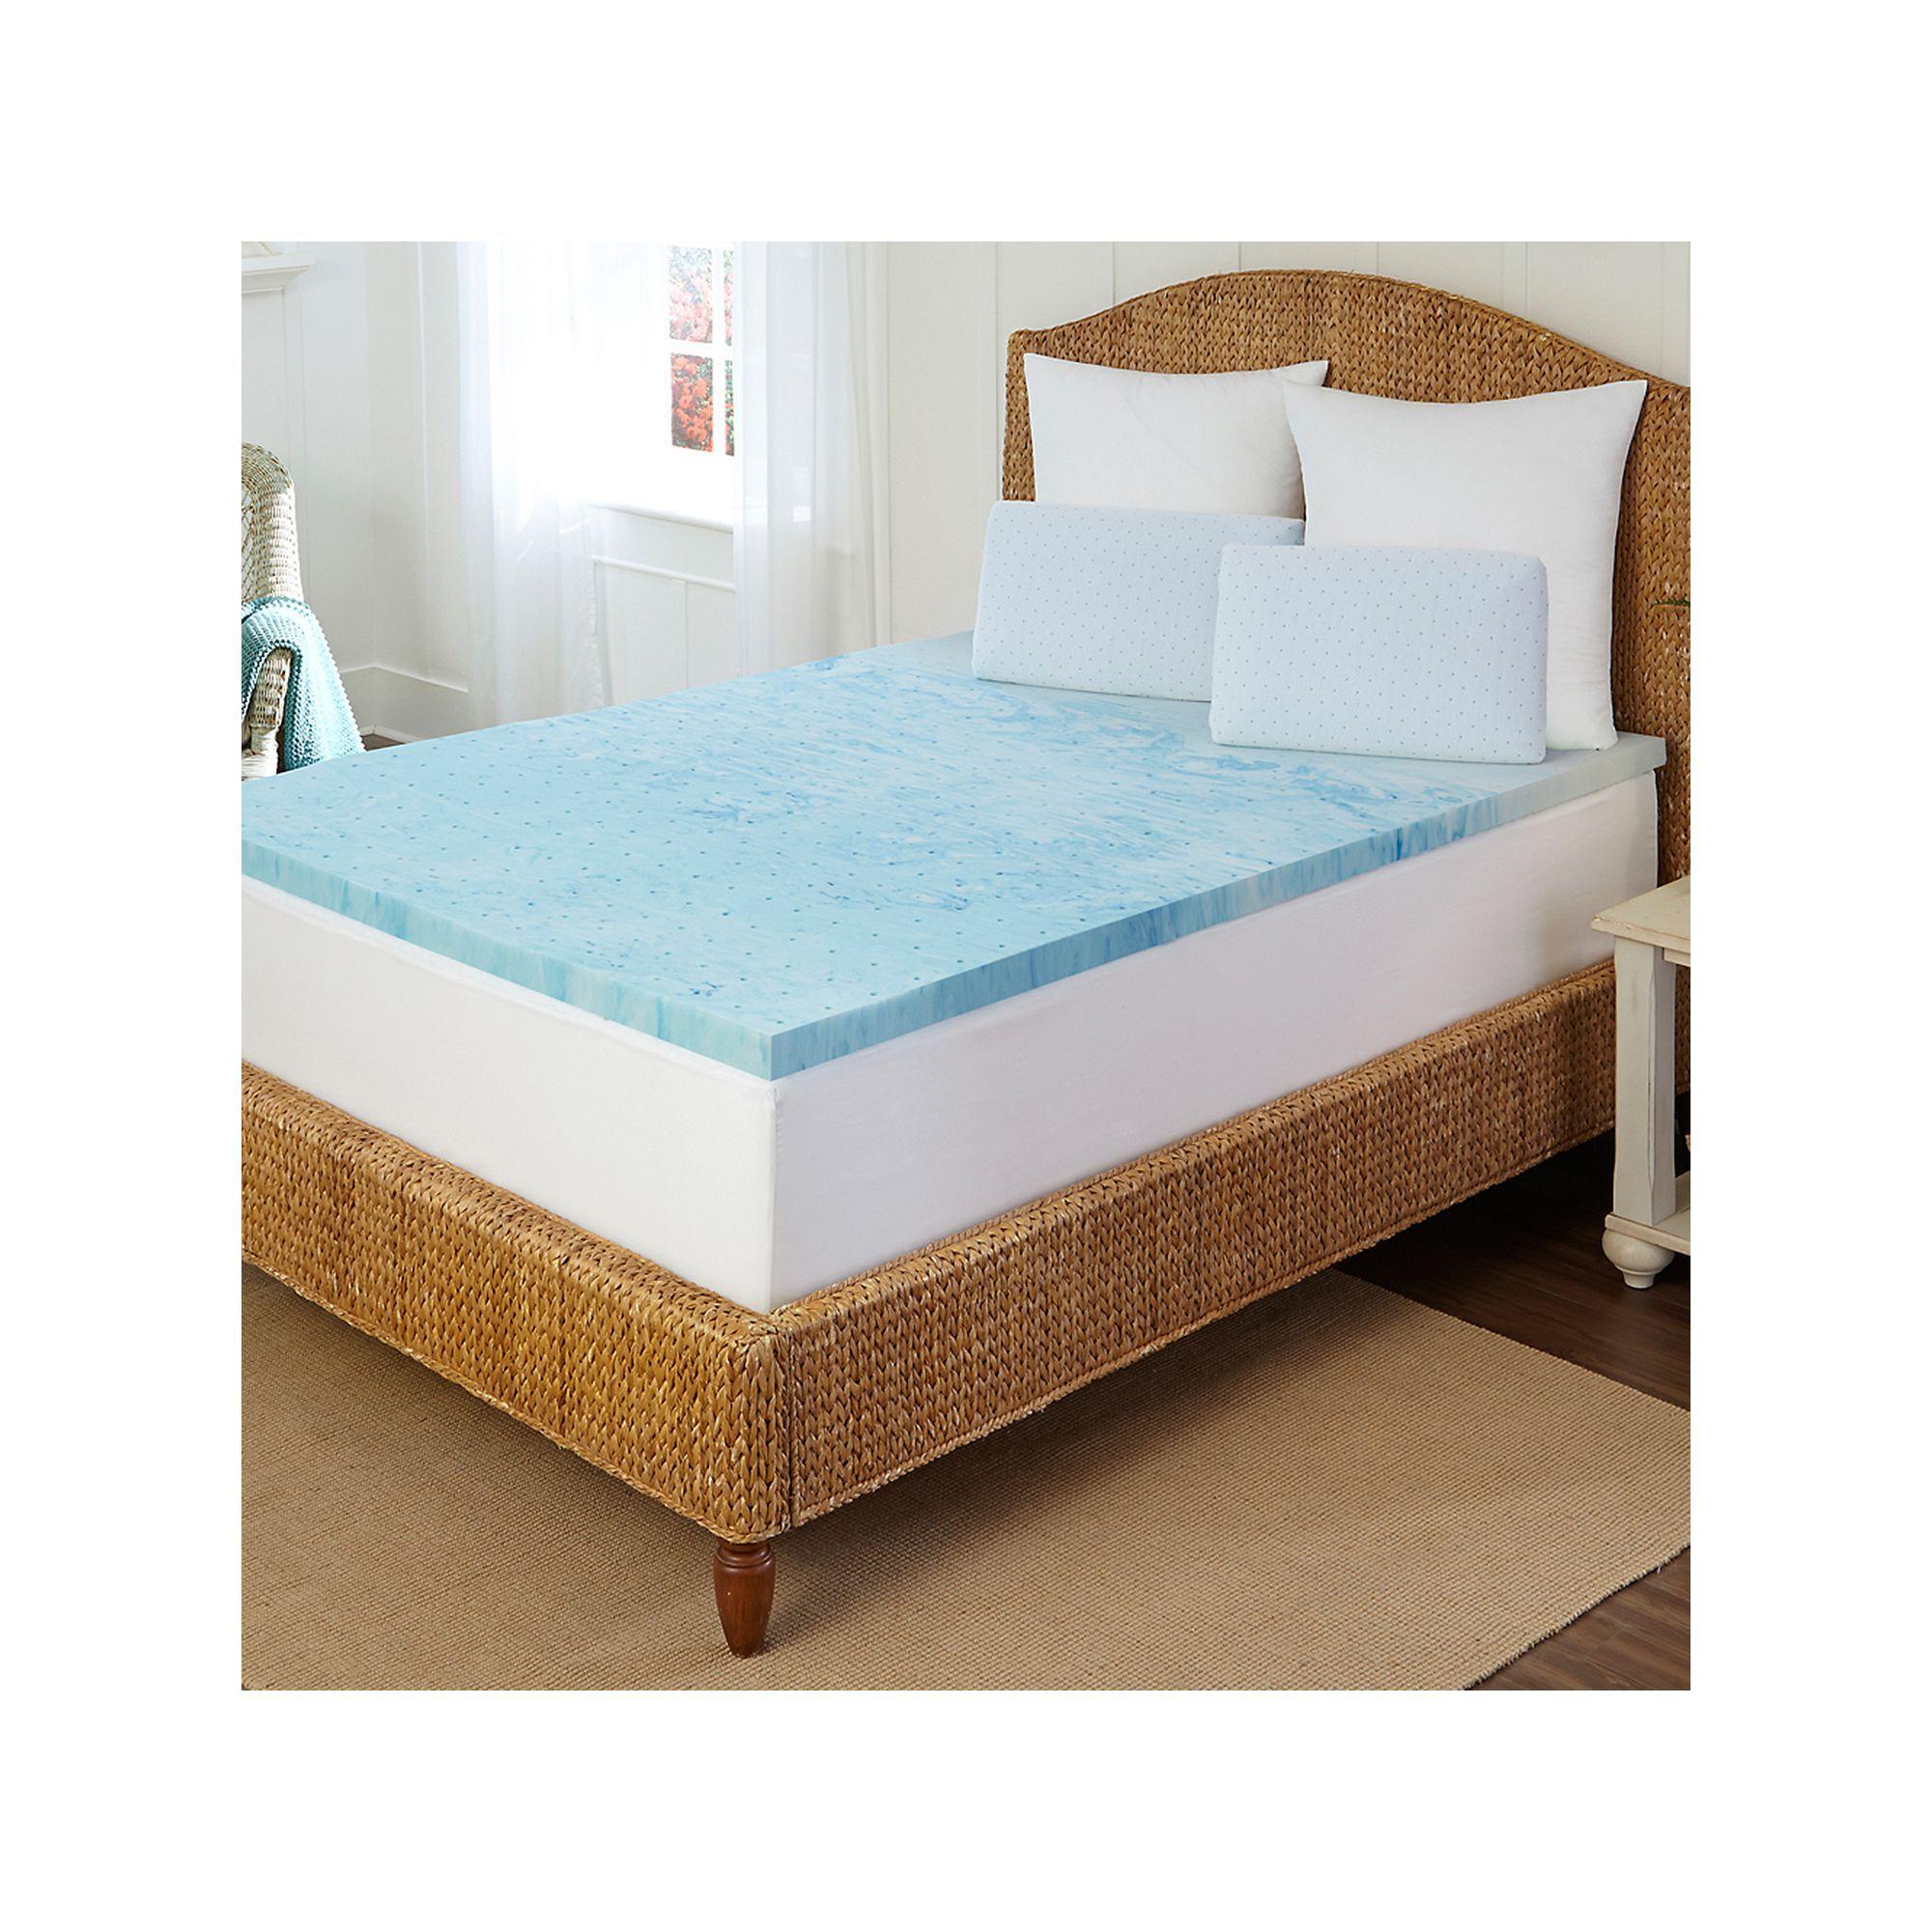 Arctic Sleep By Pure Rest 2 In Marbleized Gel Memory Foam Mattress Topper Blue Memory Foam Topper Gel Memory